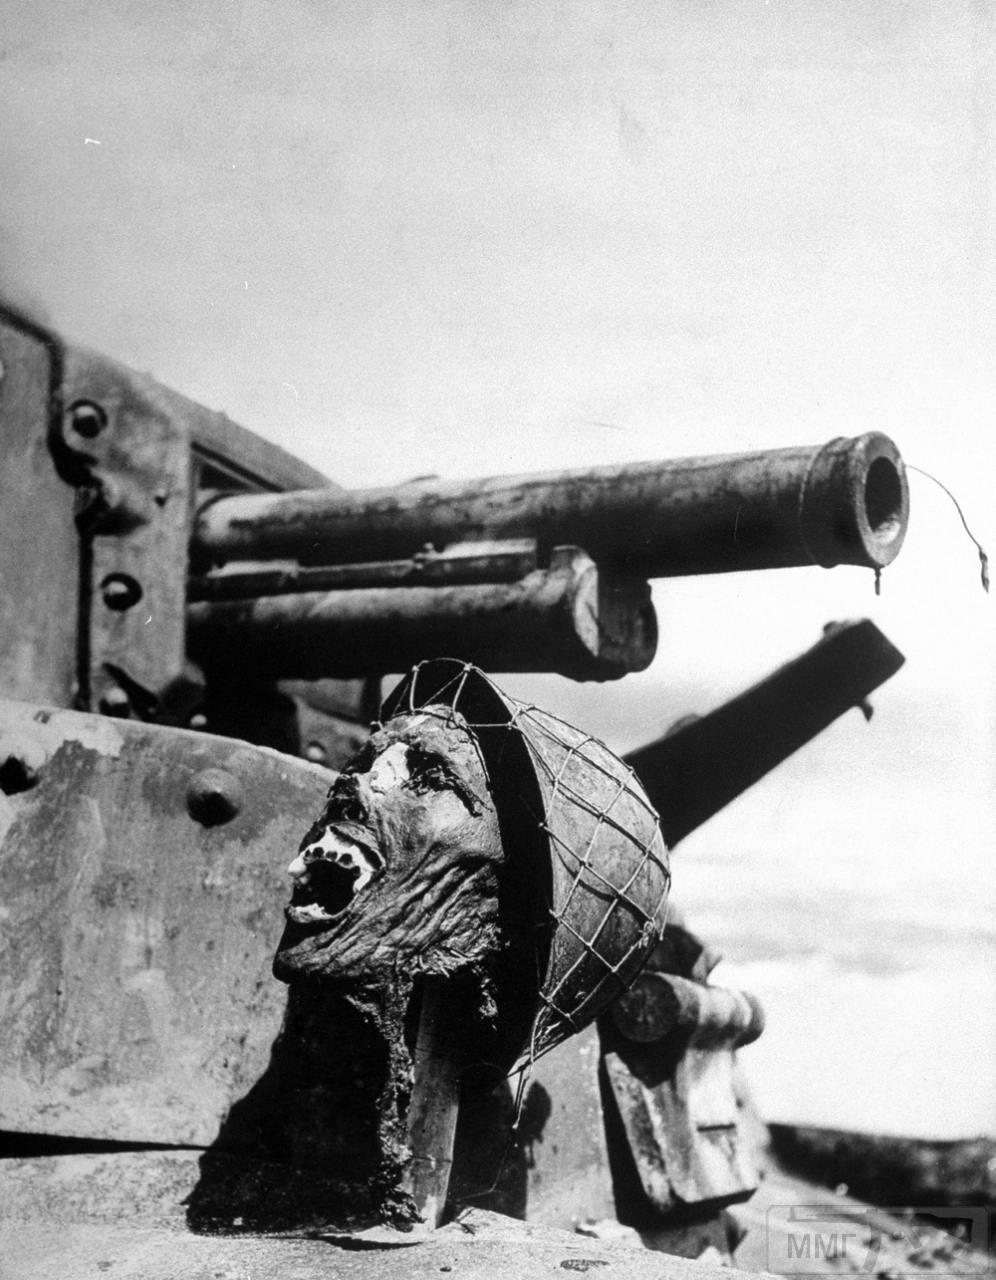 14240 - Военное фото 1941-1945 г.г. Тихий океан.